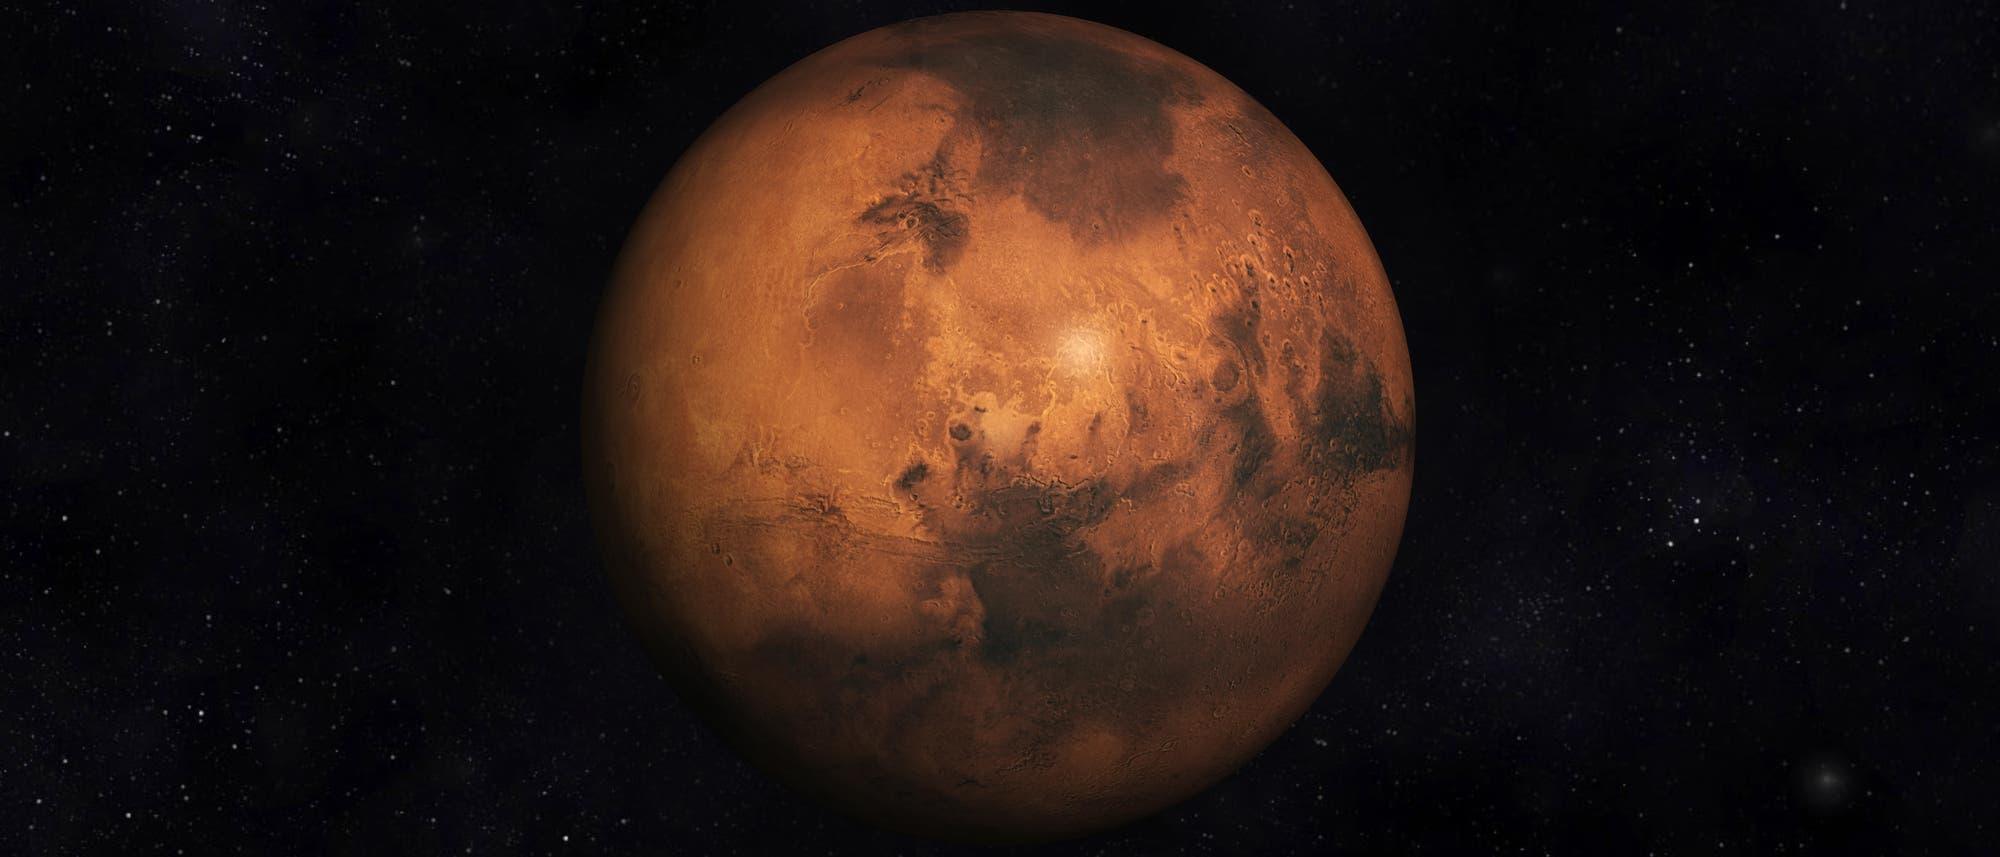 Der Mars bekommt Besuch: Die arabische Sonde »Al-Amal« ist eine von drei Missionen, die vor wenigen Monaten zum Roten Planeten aufgebrochen sind.